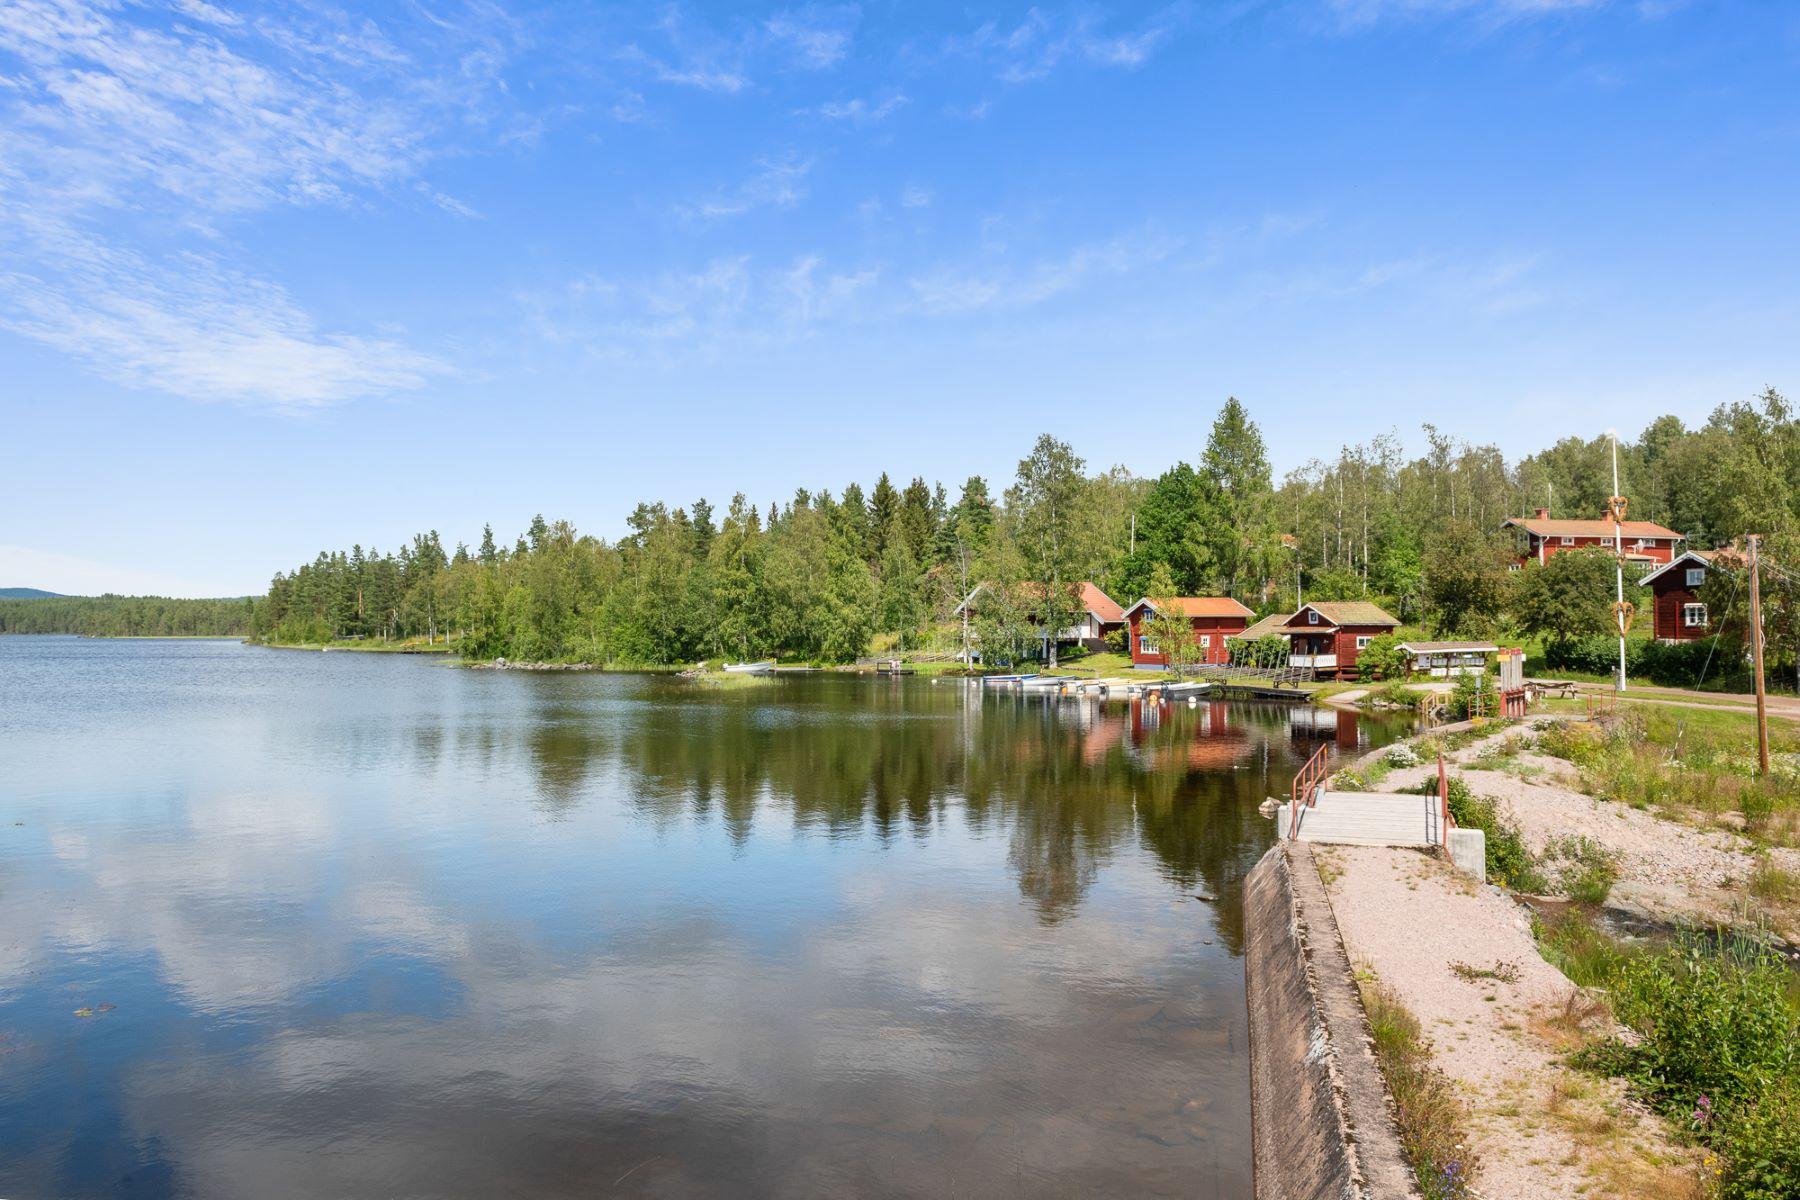 农场 / 牧场 / 种植园 为 销售 在 Skeberg Skålhol 361 Skeberg Skolhol 361 瑞典其他地方, 瑞典其他地方 79392 瑞典